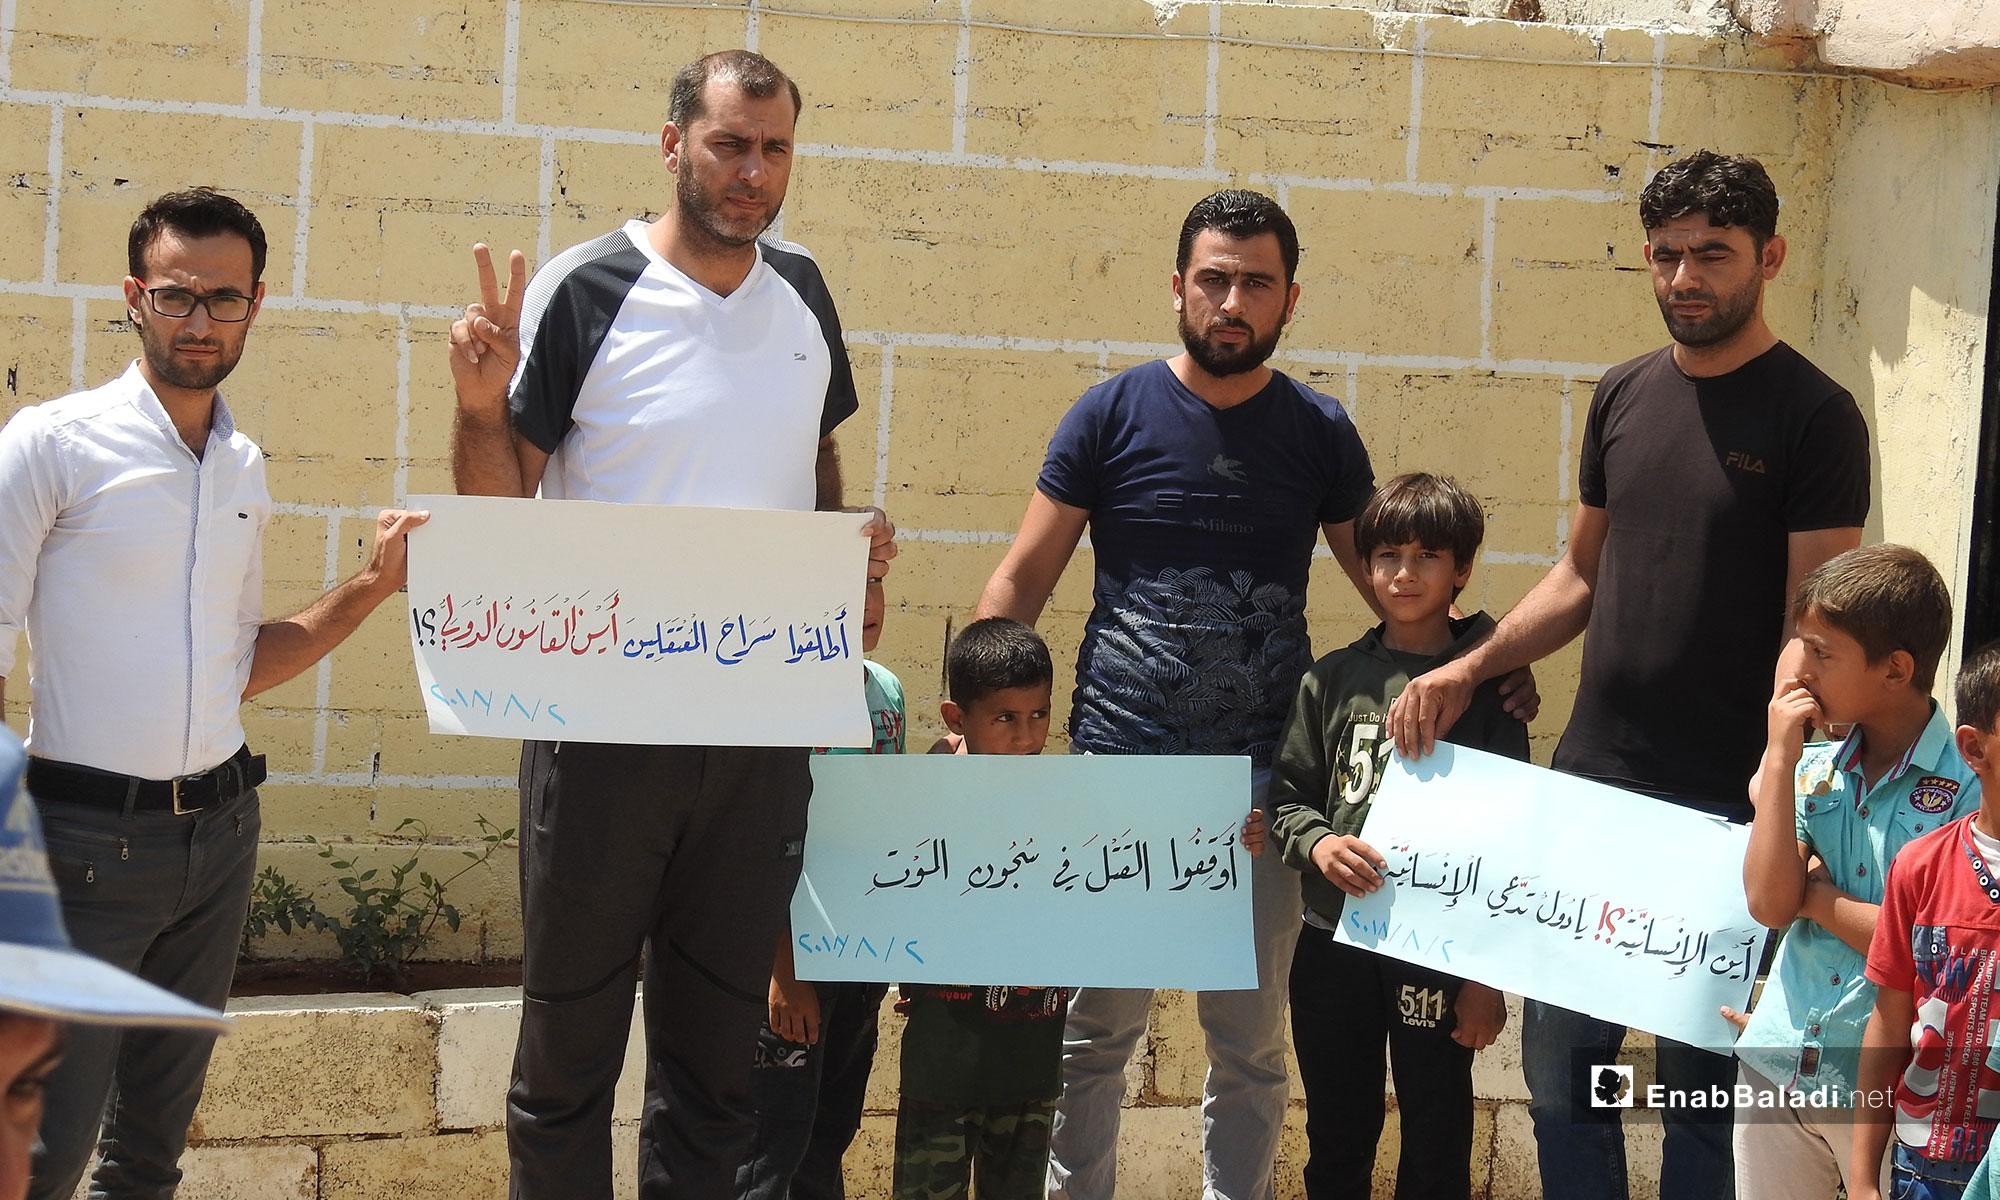 وقفة احتجاجية في بلدة دابق ضد الانتهاكات التي ترتكب بحق المعتقلين في ريف حلب الشمالي - 2 من آب 2018 (عنب بلدي)